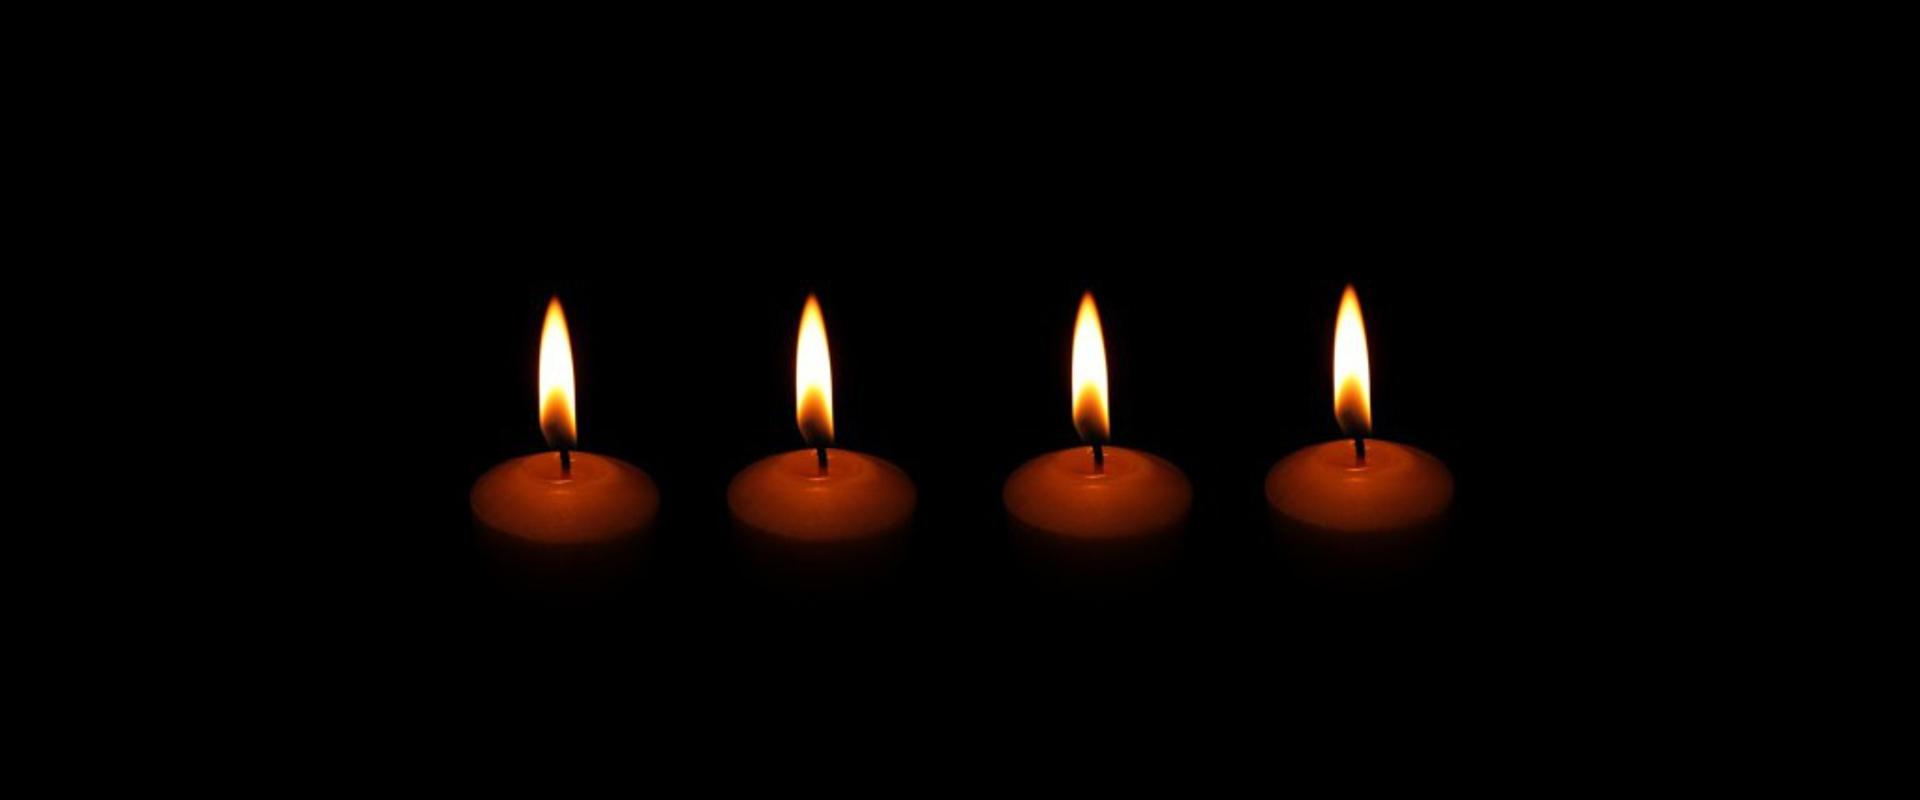 Zbliża się święto Wszystkich Świętych – 1 listopada. Tradycyjnie, jak co roku, spotykamy się tego dnia przy grobie założyciela naszego chóru, Jana Szyrockiego.  Godzina spotkania: 14:00.  Przyjdźmy i odmówmy modlitwę oraz zaśpiewajmy pieśni za naszego profesora i zmarłych chórzystów.  Informacja o drodze do miejsca spotkania -> LINK  Do zobaczenia.… czytaj więcej